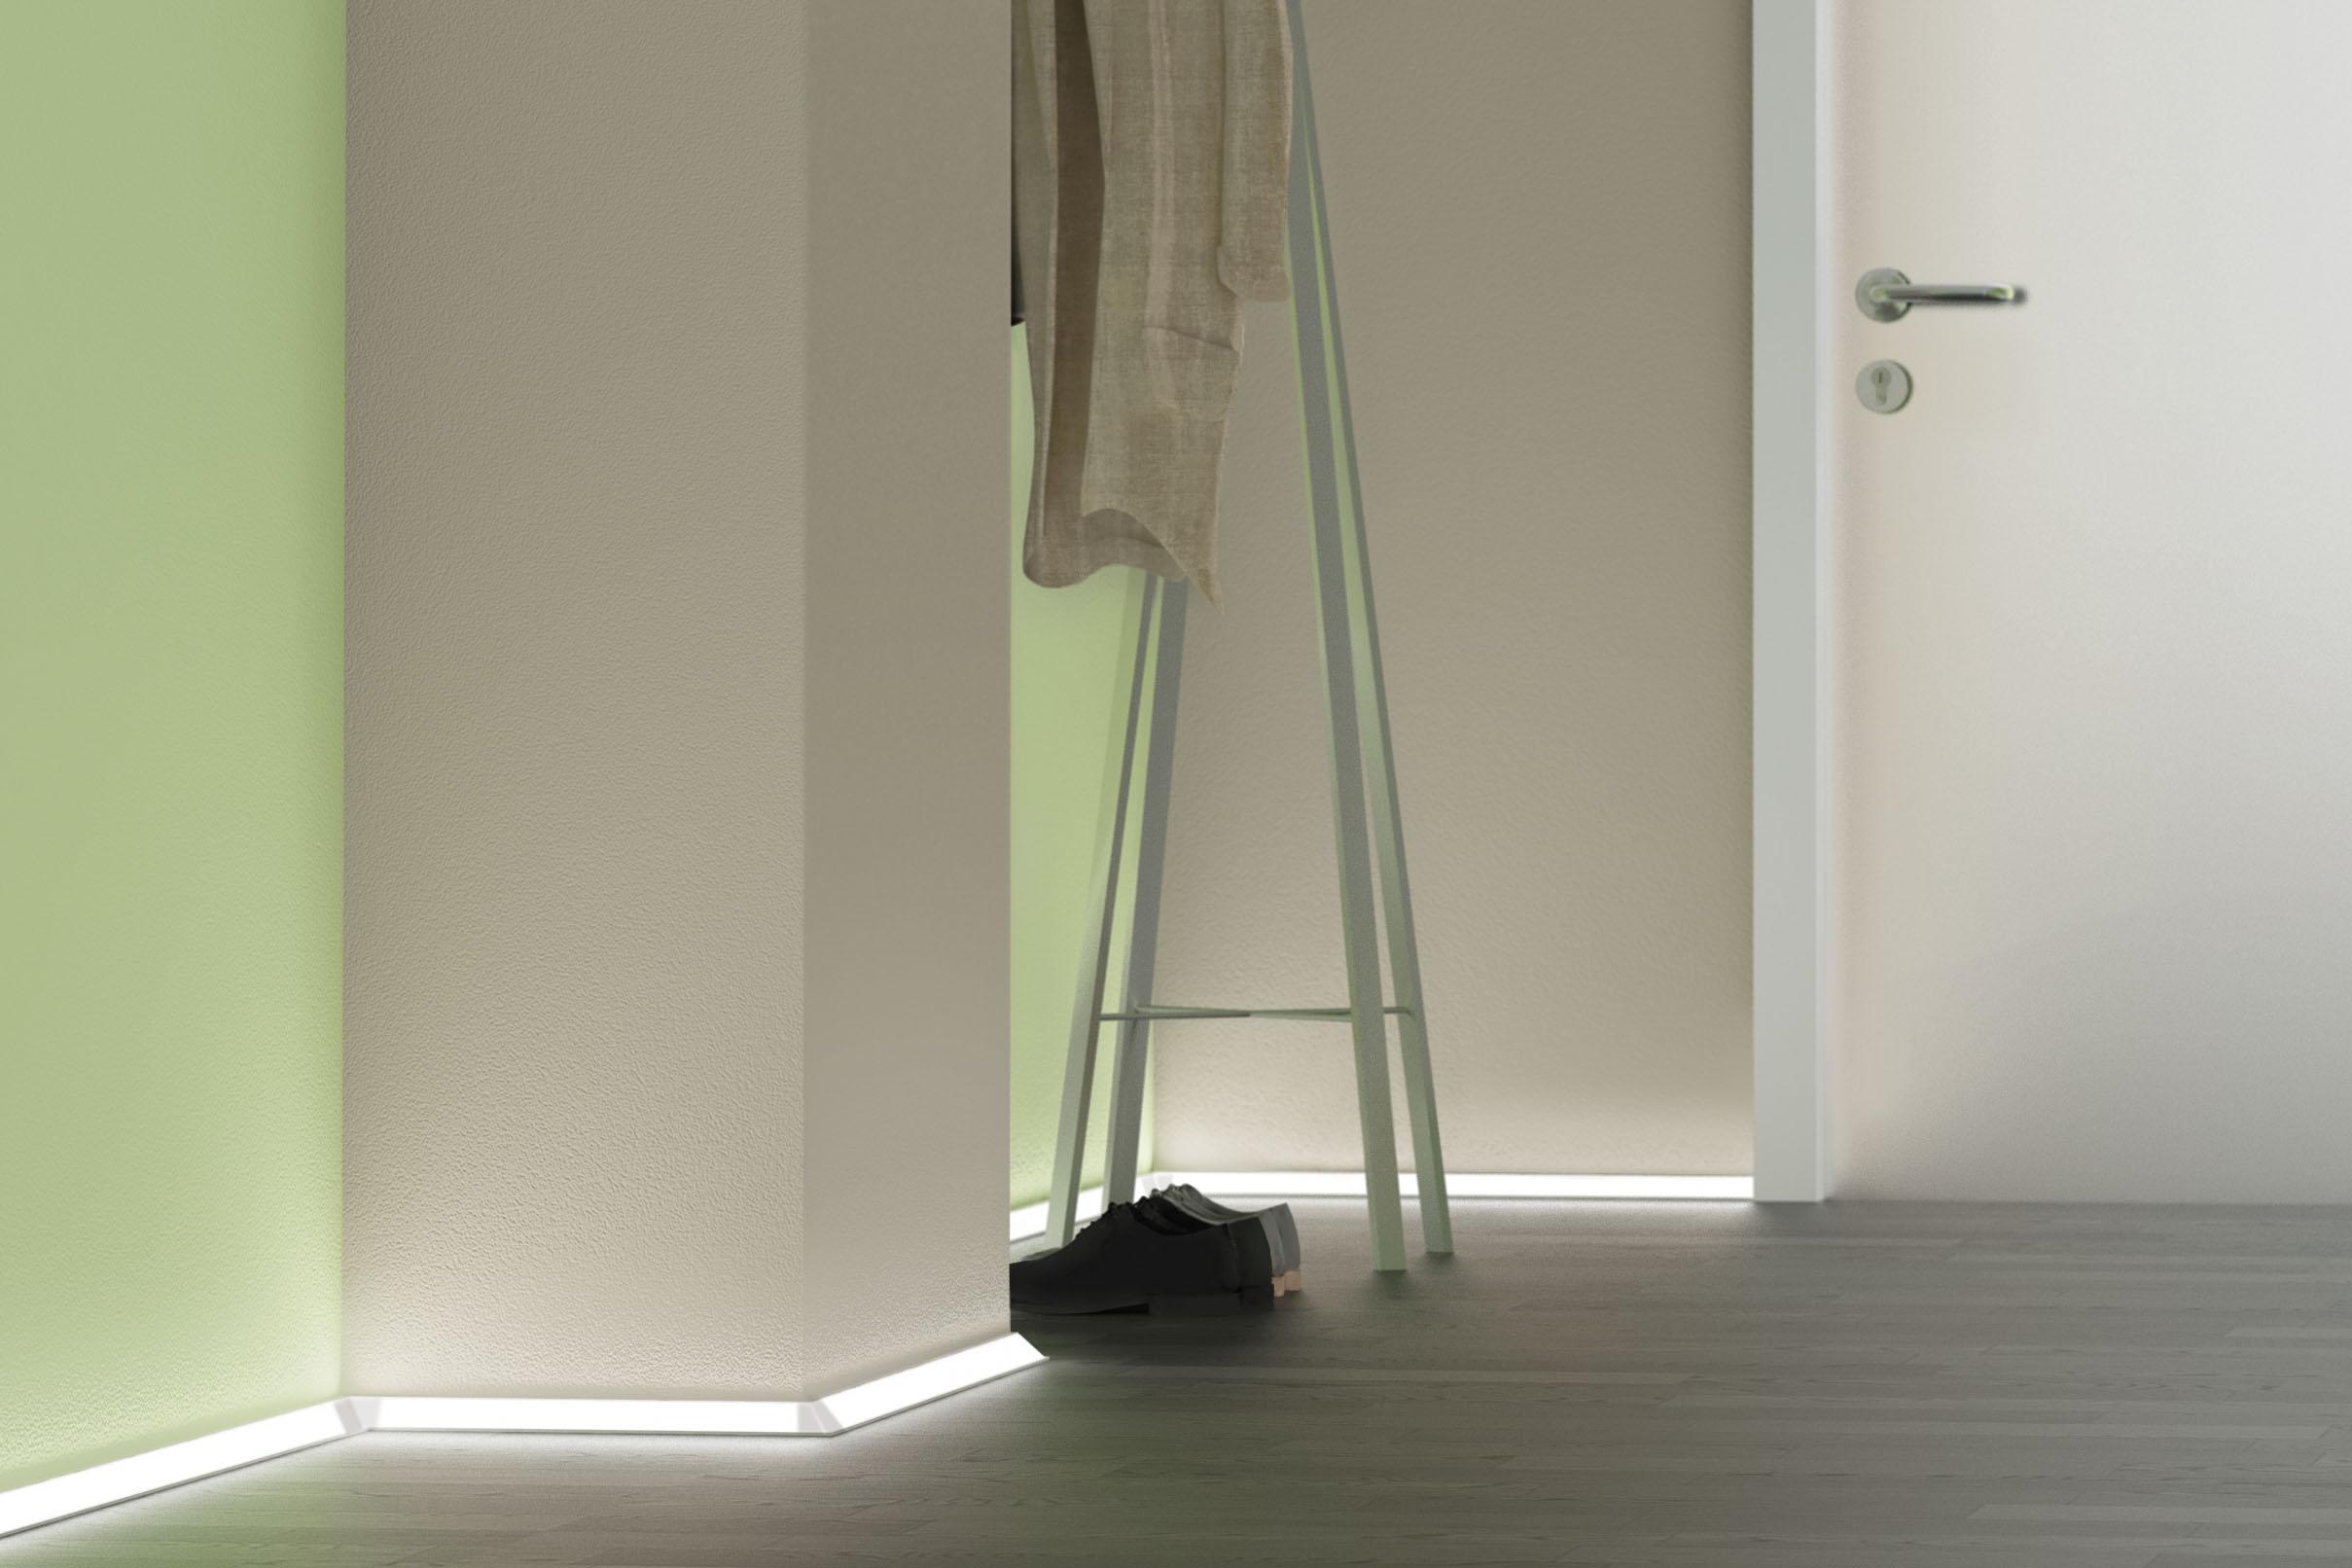 Profily, které se přilepí nebo přišroubují na požadované místo a do nich se nalepí LED pásek. Aulix.